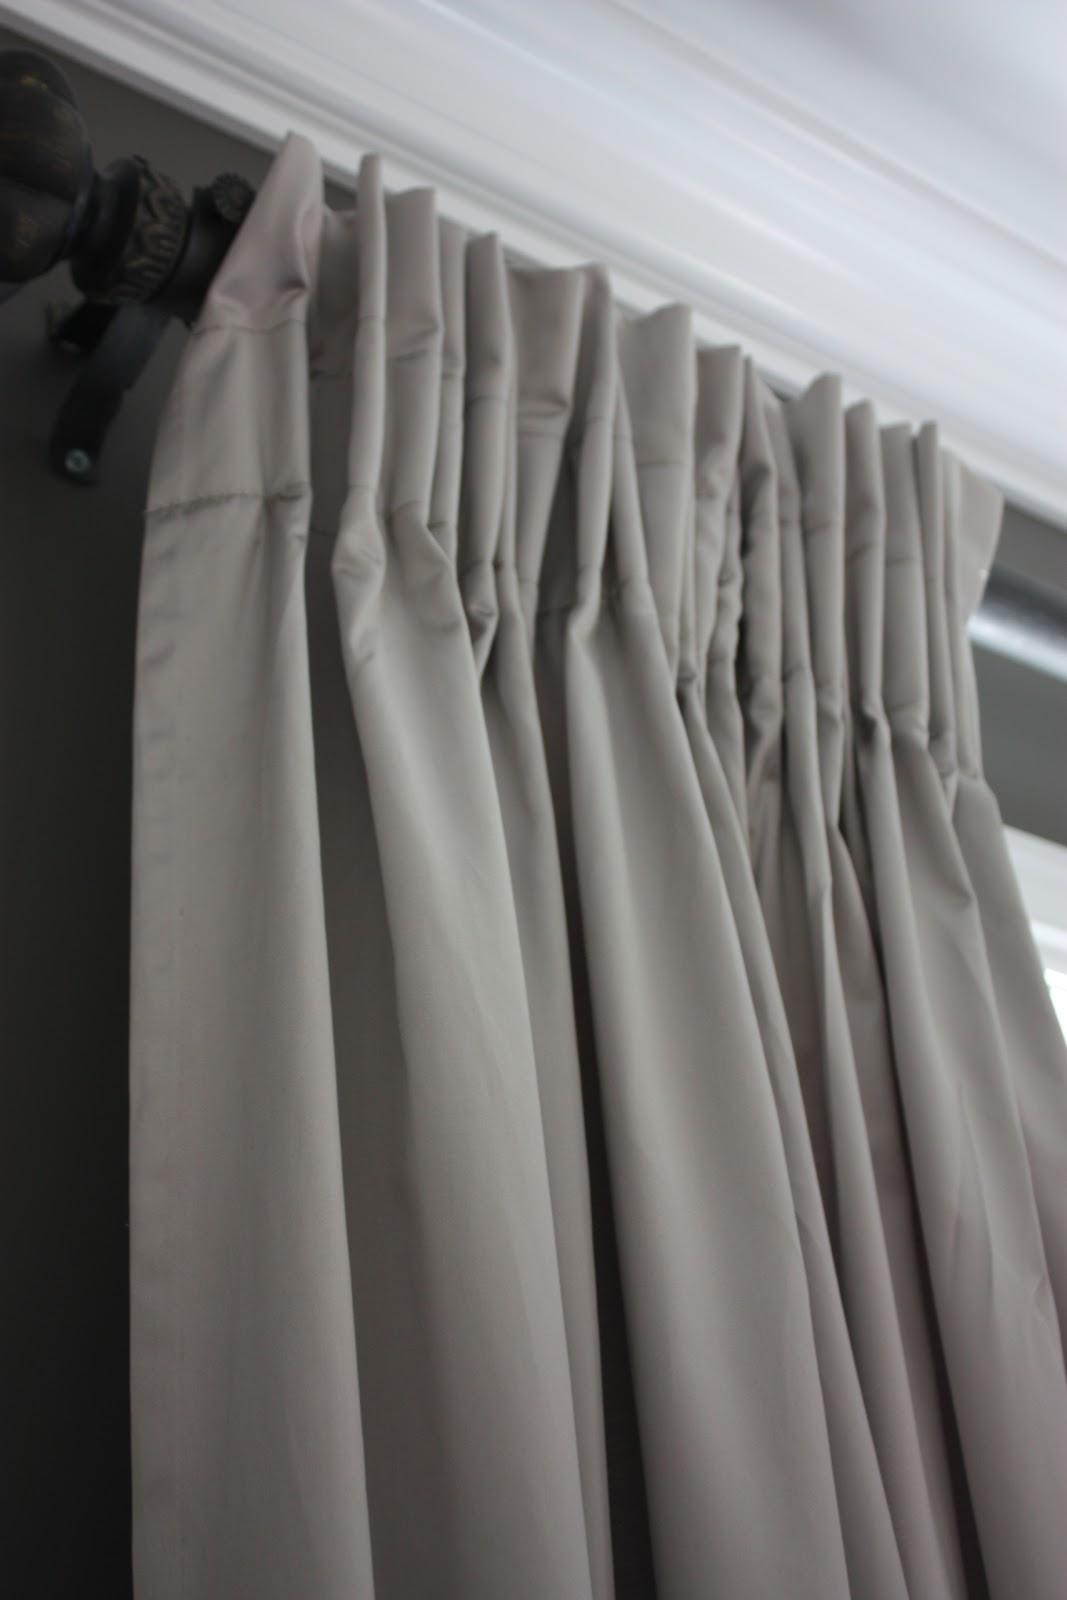 nye gardiner charm design: Nye gardiner på soverommet nye gardiner